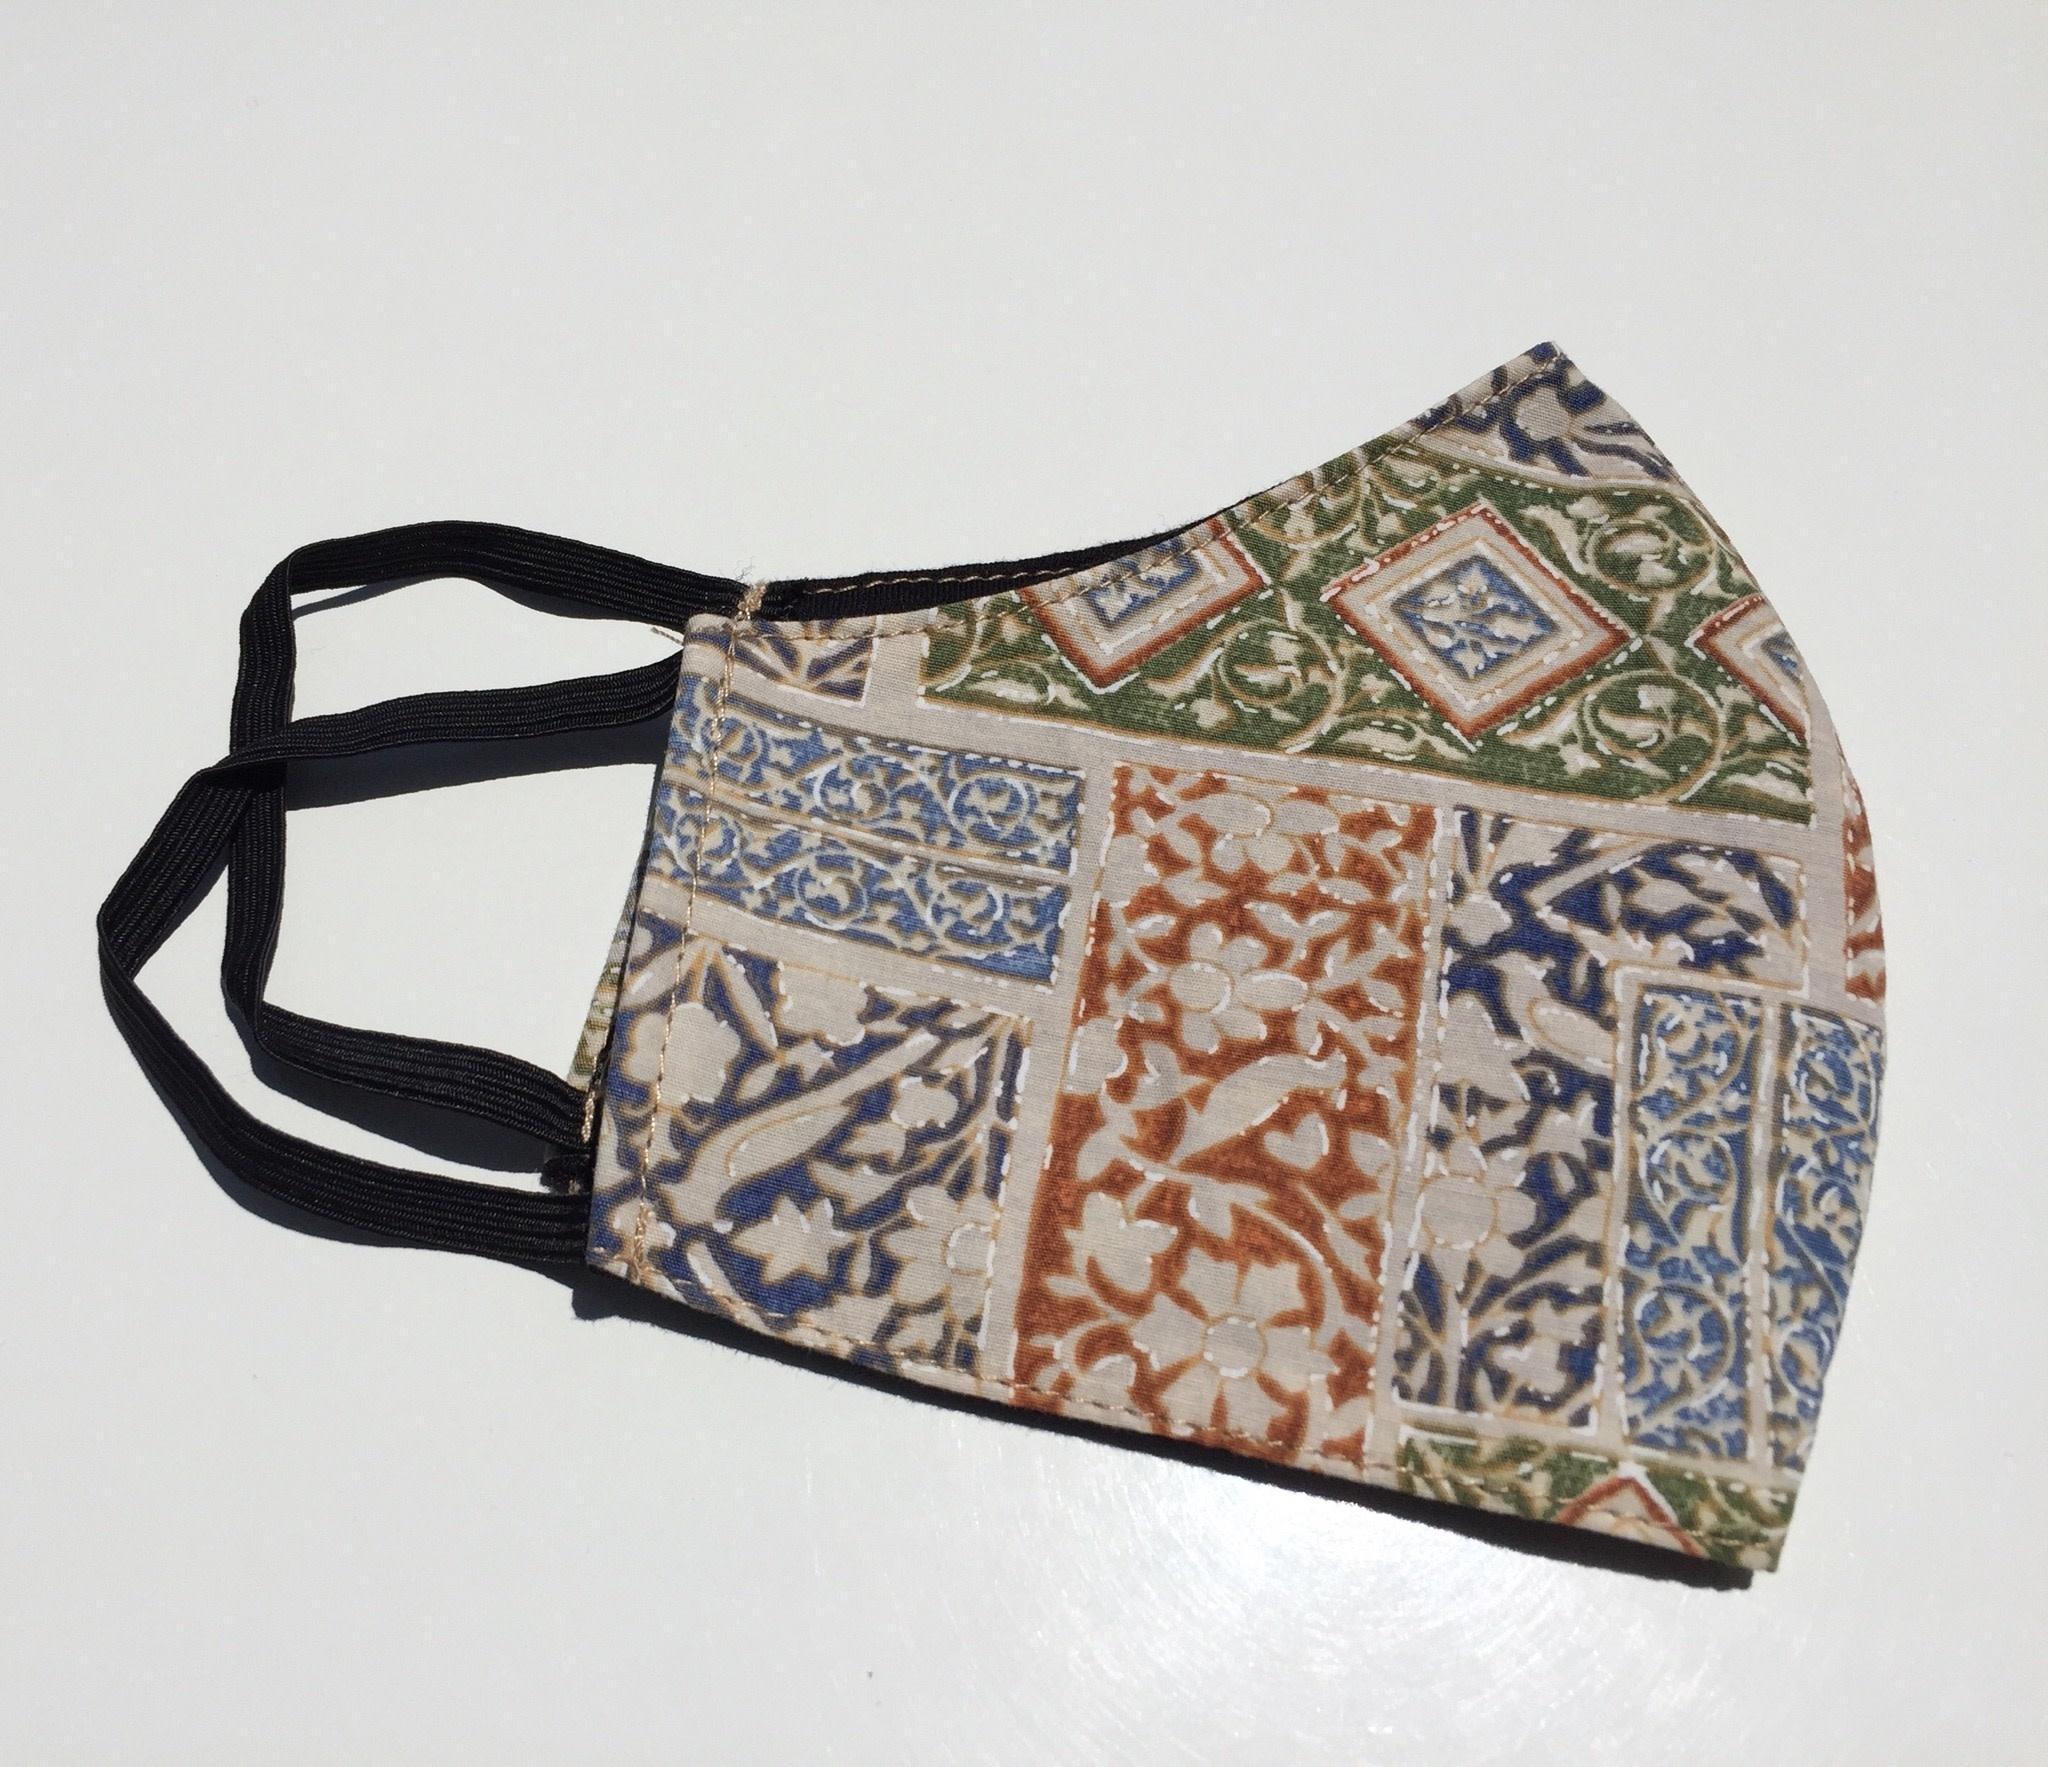 Bayside Masks Bayside Masks Reyn Spooner 1